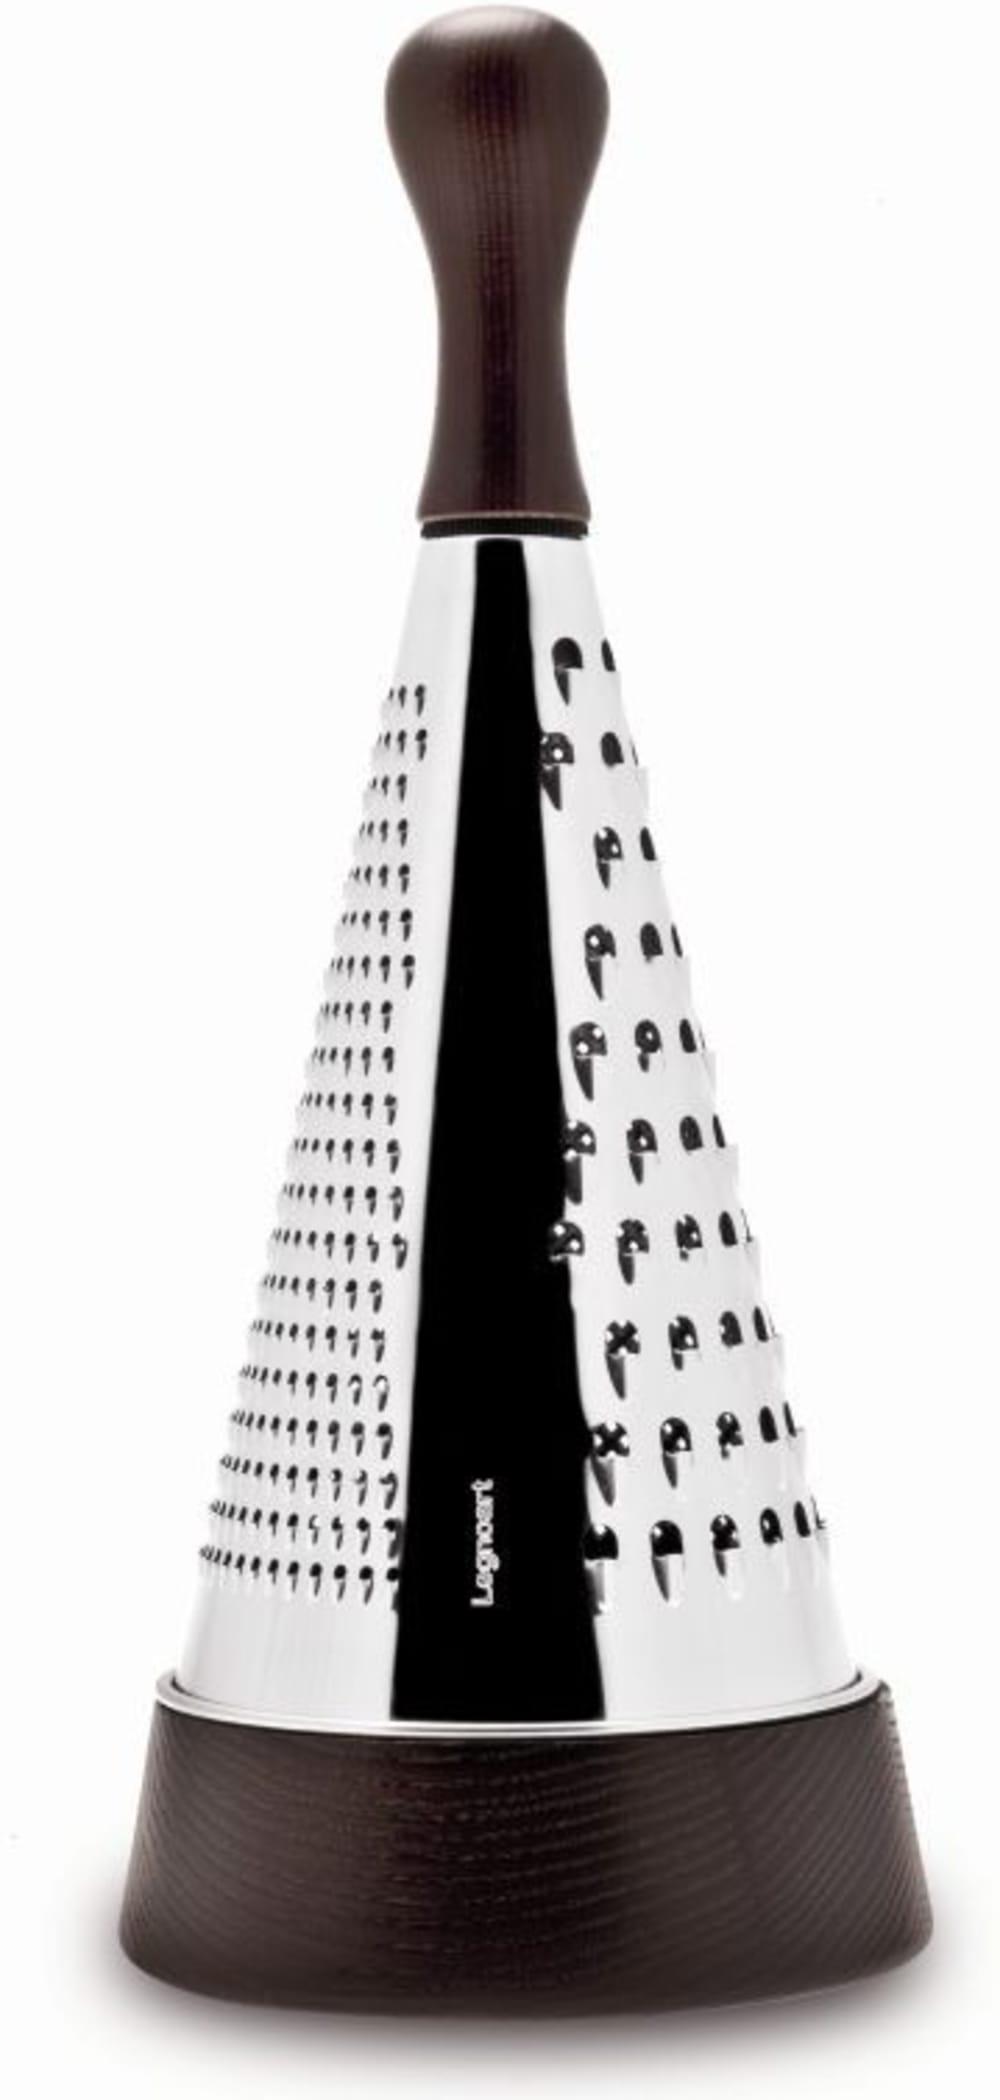 LEGNO - CONICO - stożkowa tarka, duża, bez opak.